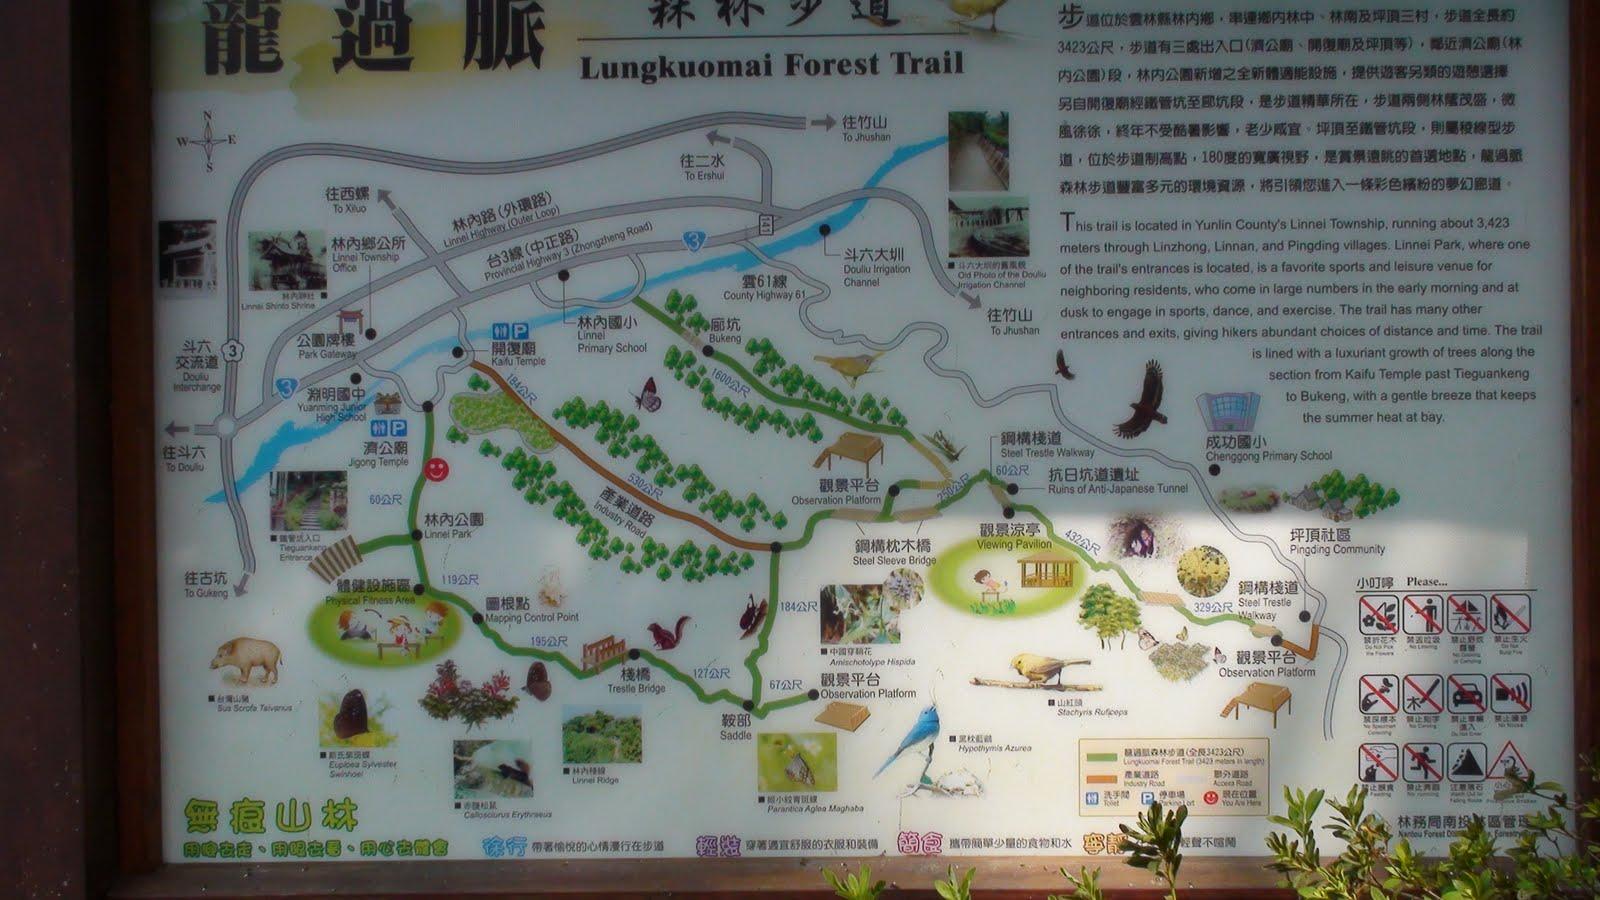 林內-龍過脈森林步道